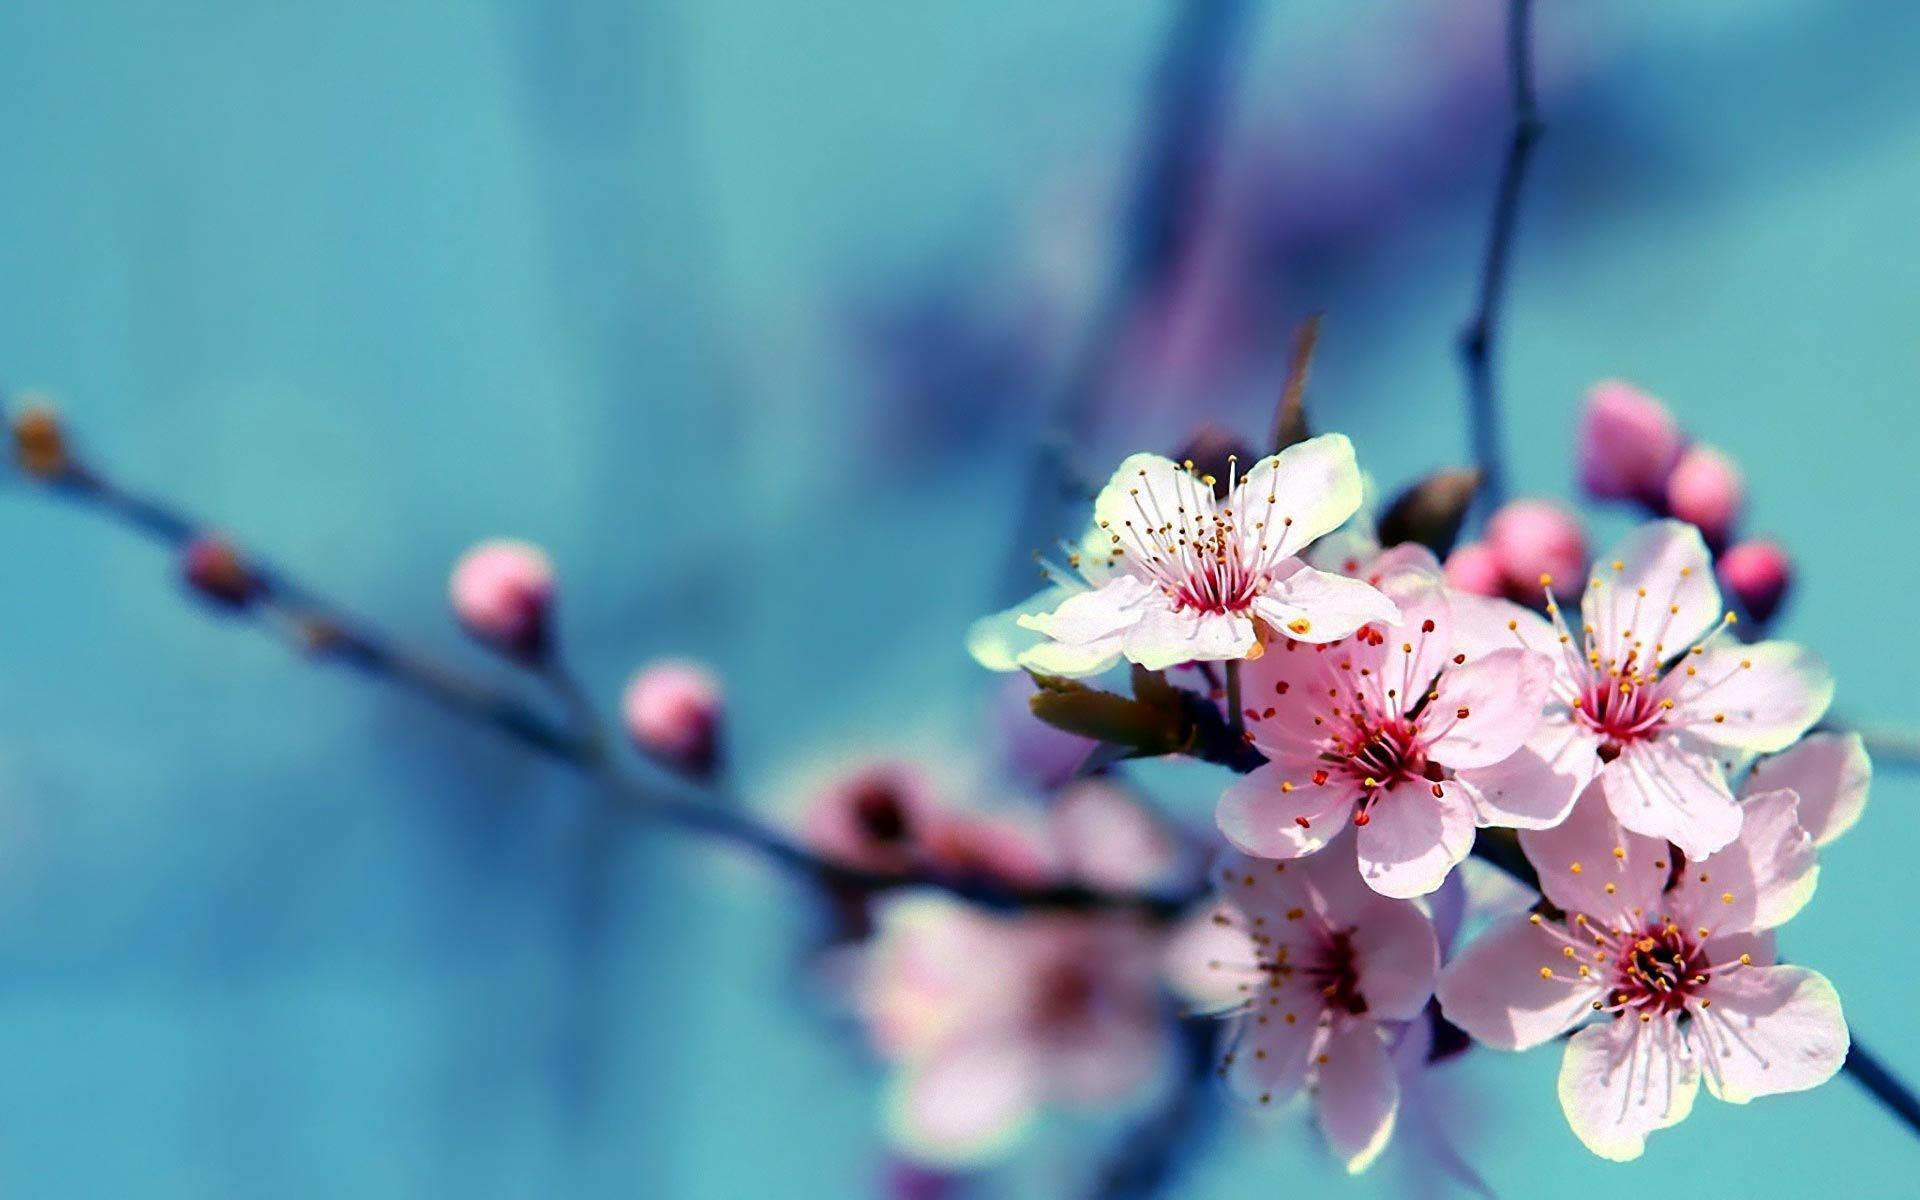 Flower Wallpaper Find best latest Flower Wallpaper in HD for 1920x1200